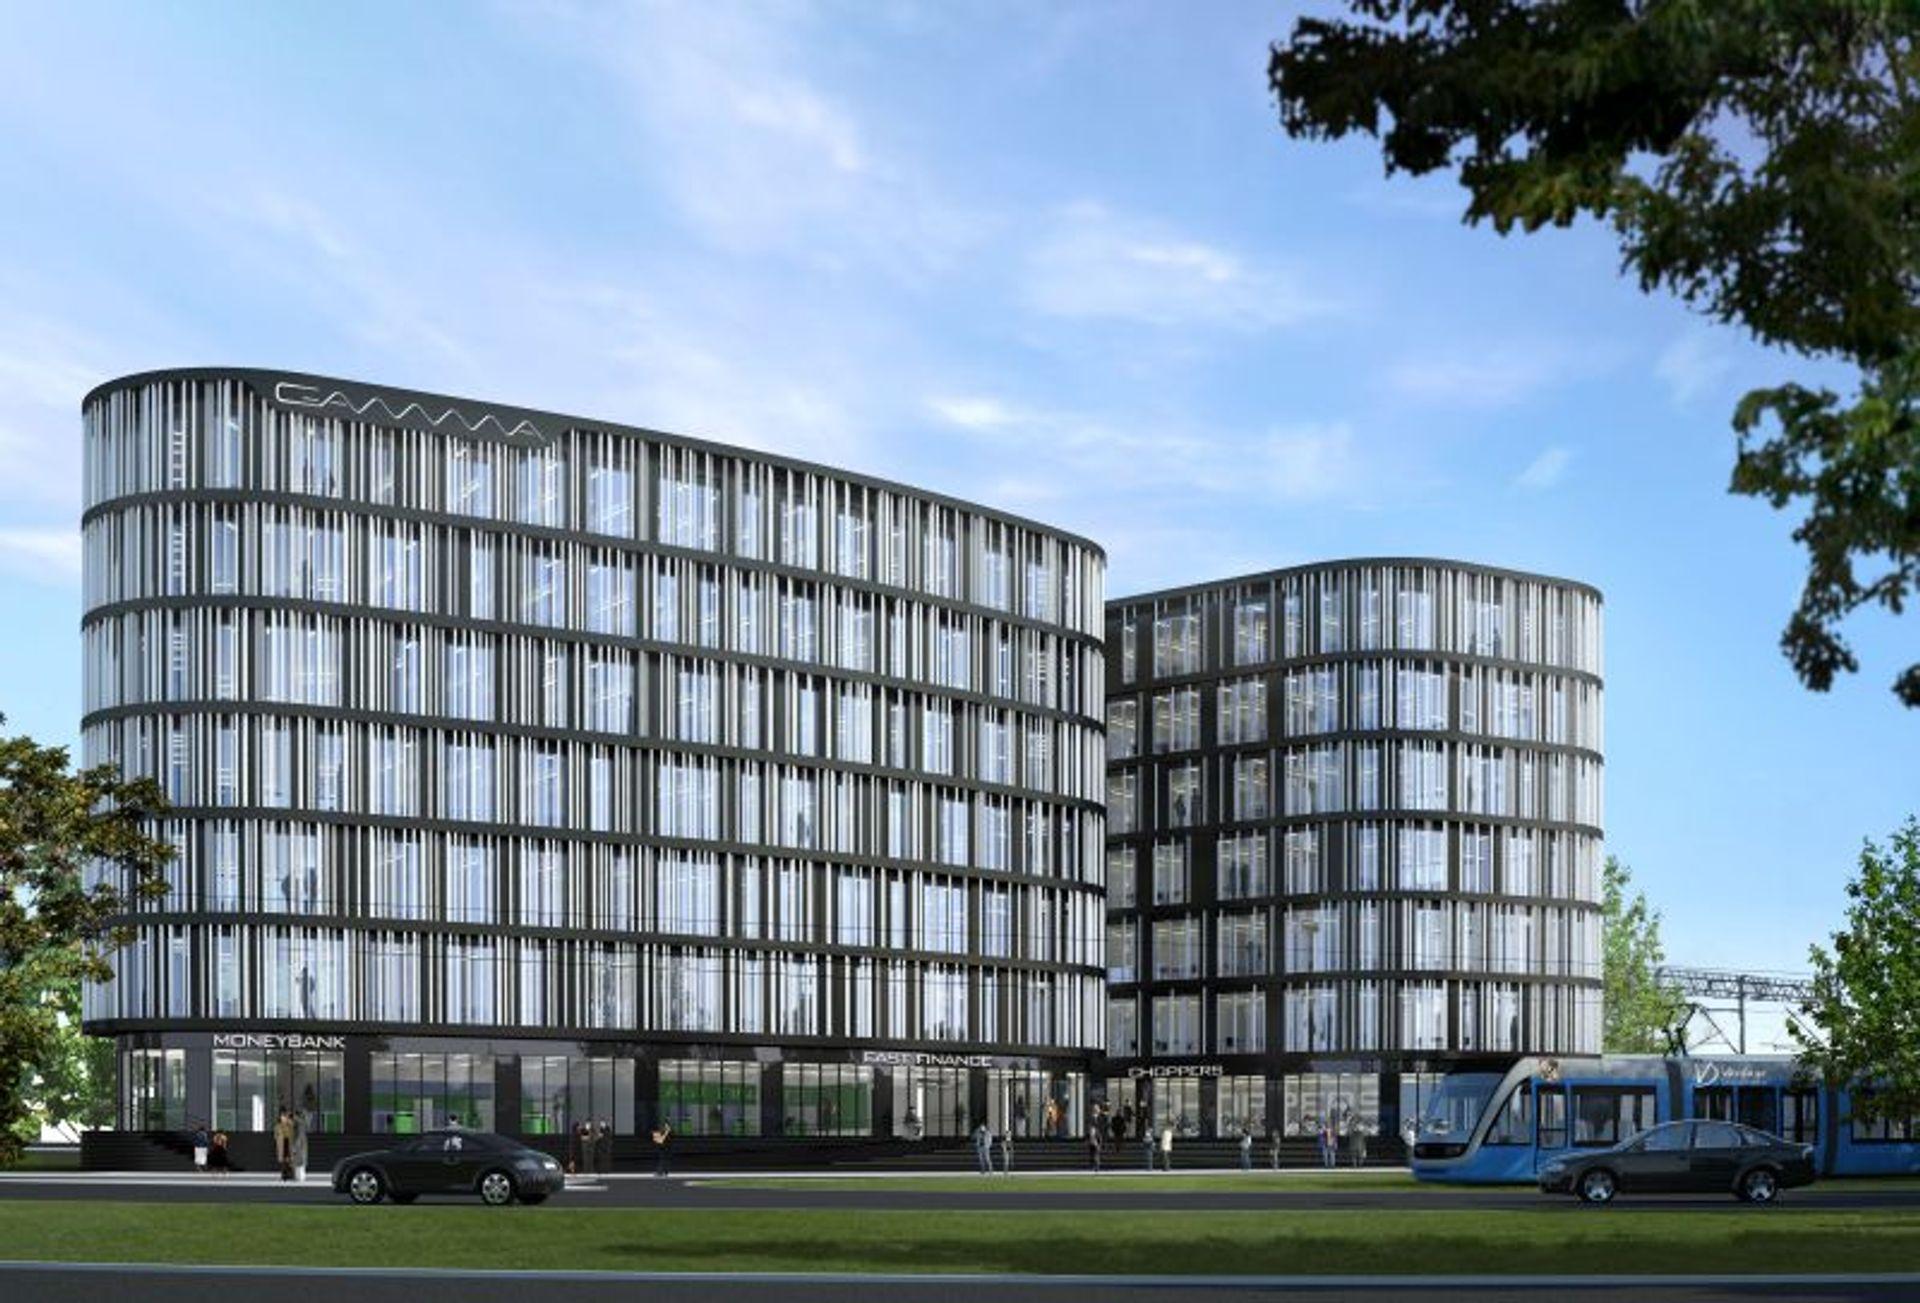 [Wrocław] Szykują się do budowy nowego biurowca przy Fabrycznej. Działka zmieniła właściciela